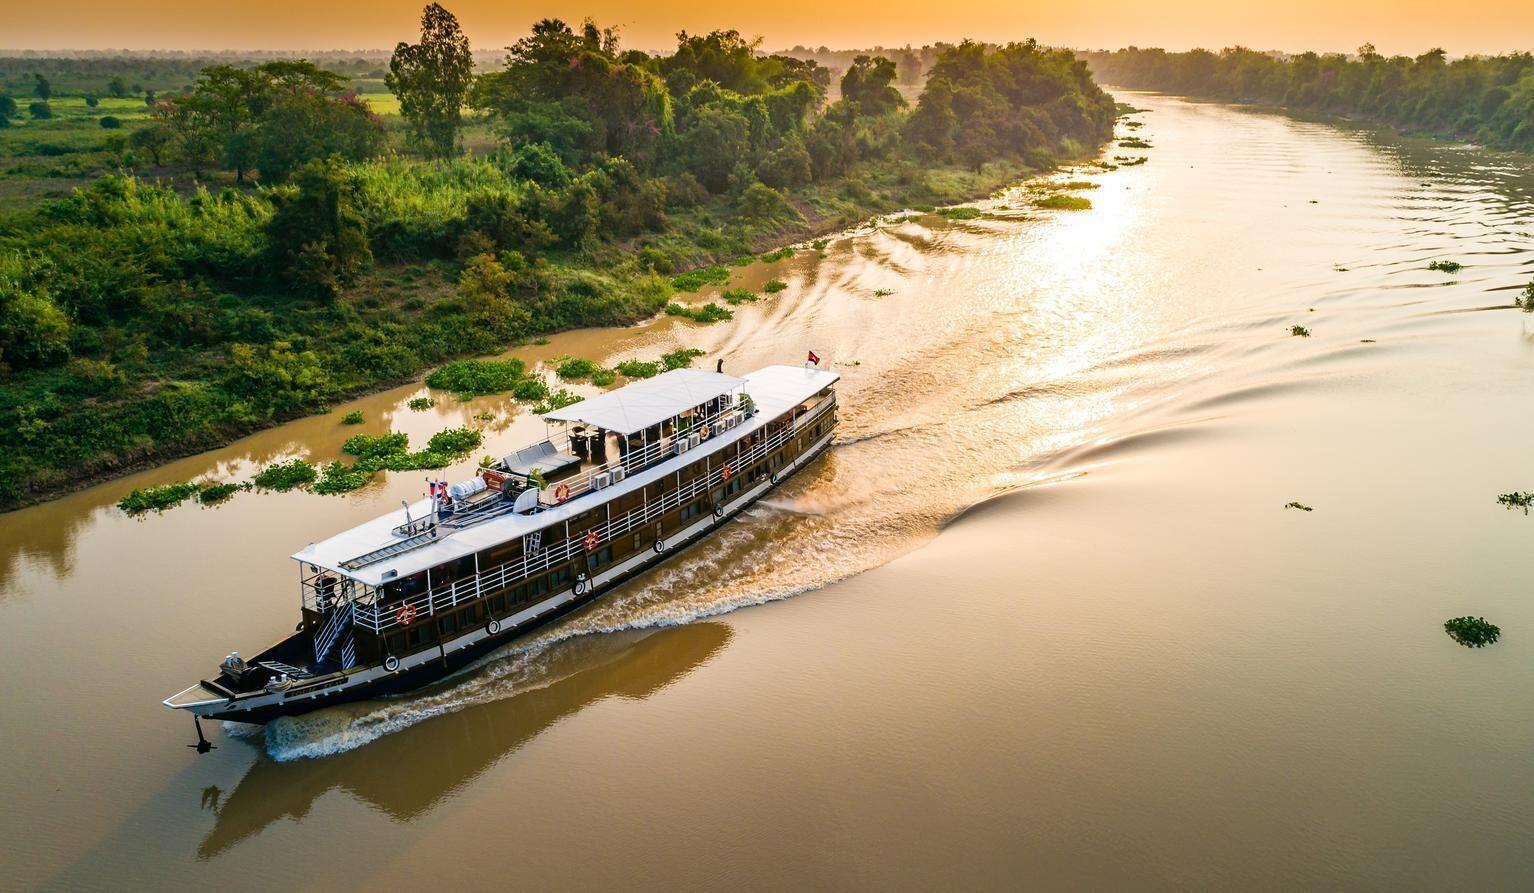 Croisière sur le Mékong à bord du bateau